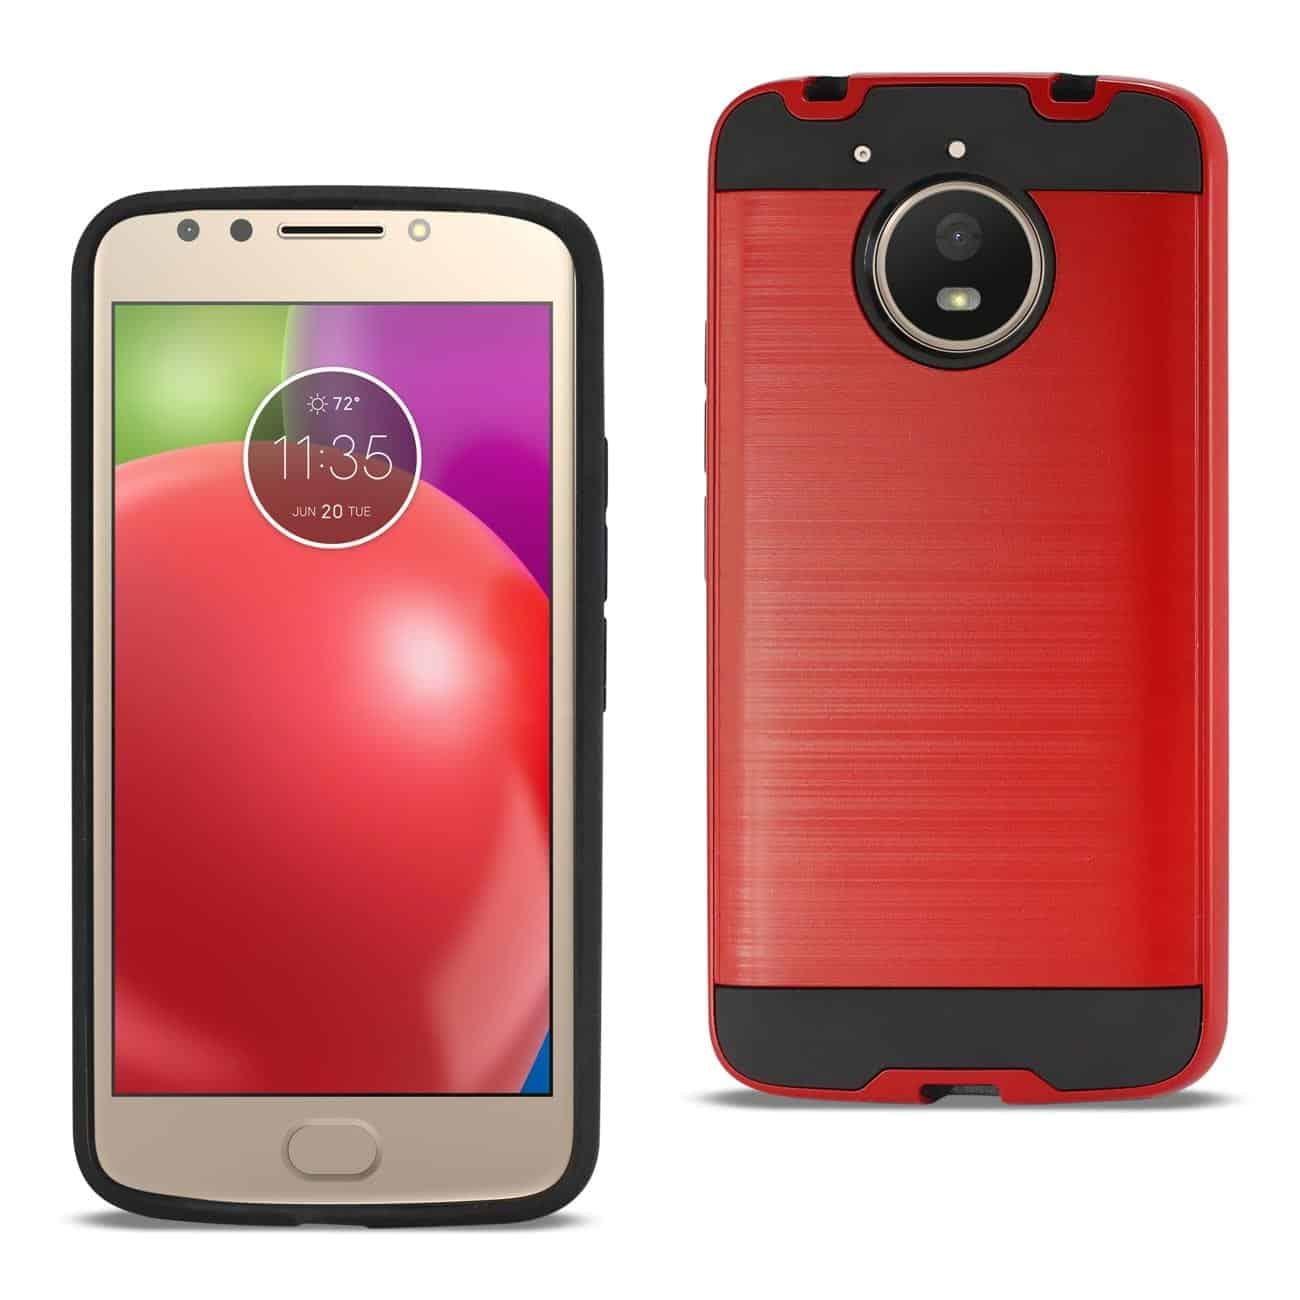 Motorola Moto E4 Plus Hybrid Metal Brushed Texture Case In Red